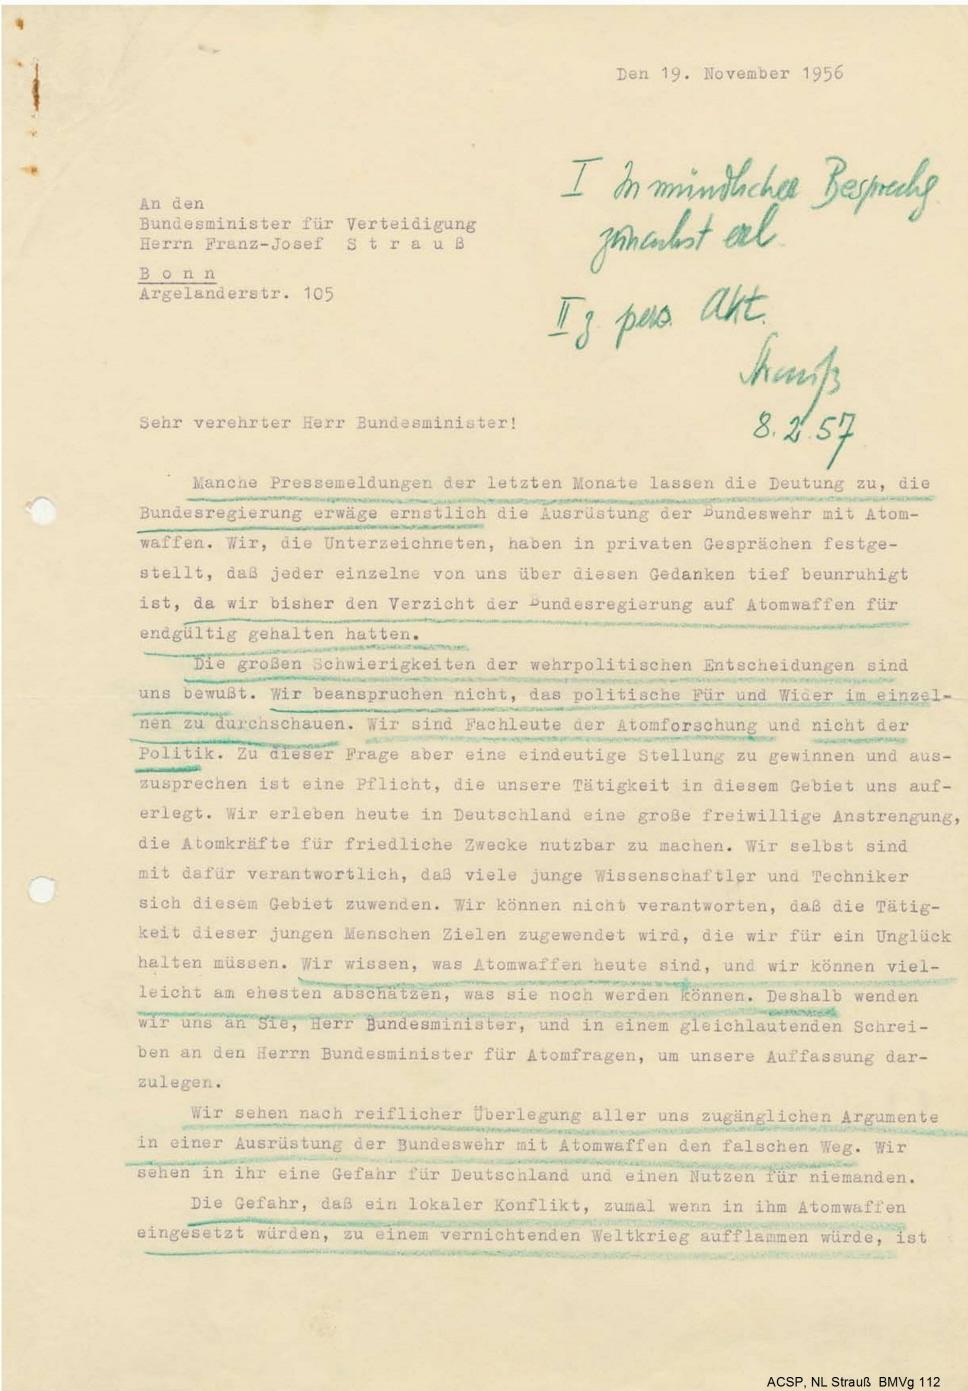 Erste Seite des Schreibens vom 19. November 1956 mit der persönlichen Randbemerkung von Franz Josef Strauß